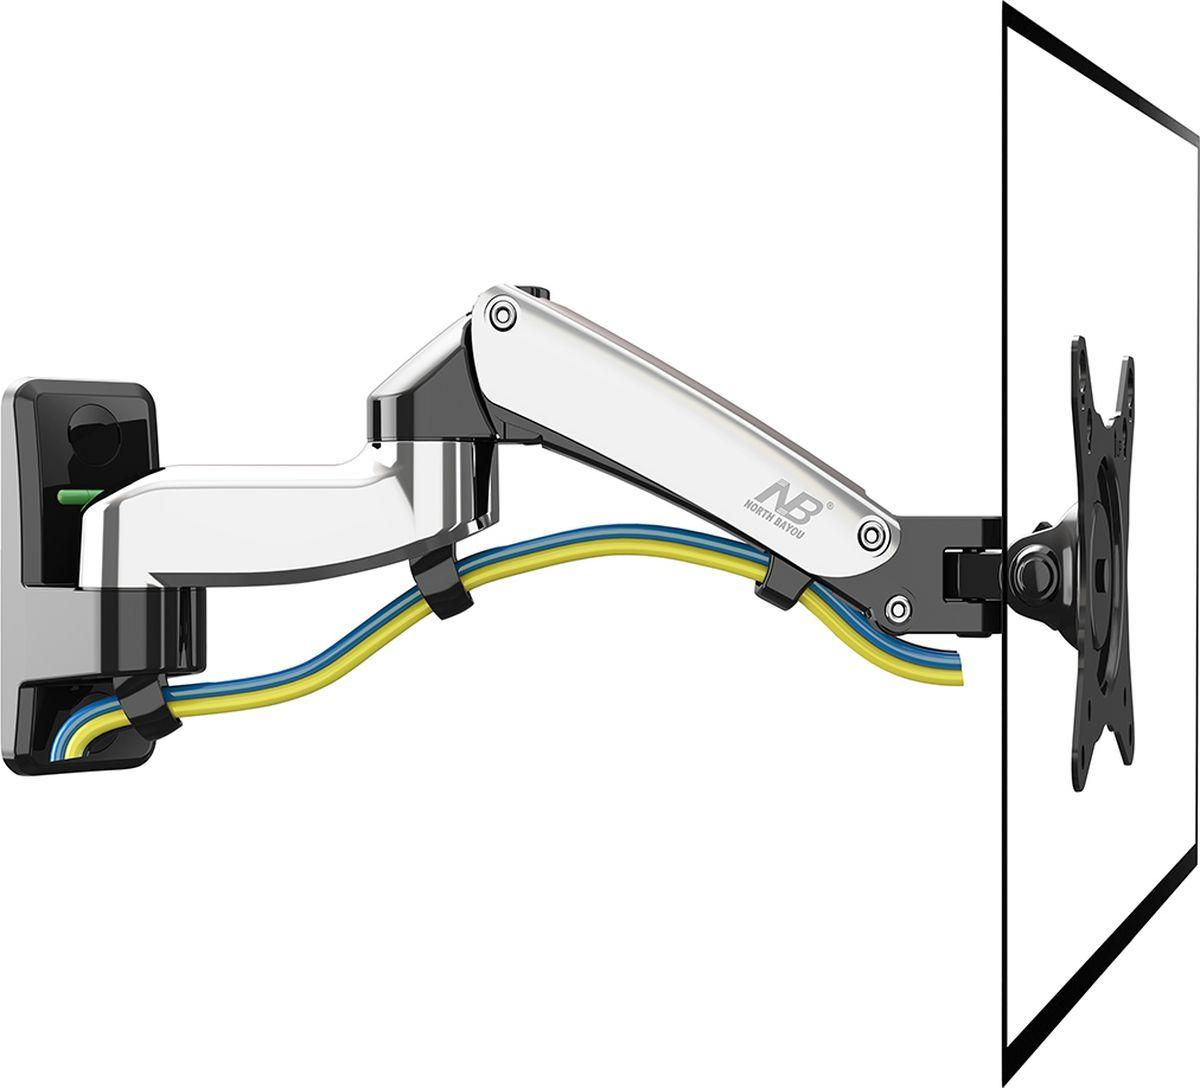 North Bayou NB F150, Chrome кронштейнNB F150 хромированныйНастенный наклонно-поворотный кронштейн с регулировкой по высоте North Bayou NB F150 подходит для телевизоров с диагональю 17-27 и является самым компактным и лёгким из линейки кронштейнов NB серии F с тремя степенями свободы, выделяясь тем, что рассчитан на небольшие телевизоры с весом от 2 до 7 кг. Благодаря встроенной газовой пружине вы можете с лёгкостью перемещать телевизор не только влево и вправо, но и вверх и вниз, при этом не прилагая усилий и не производя дополнительной фиксации. Именно технологии надёжных осевых соединений с газовой пружиной позволят вам отрегулировать положение телевизора для самого комфортного просмотра.